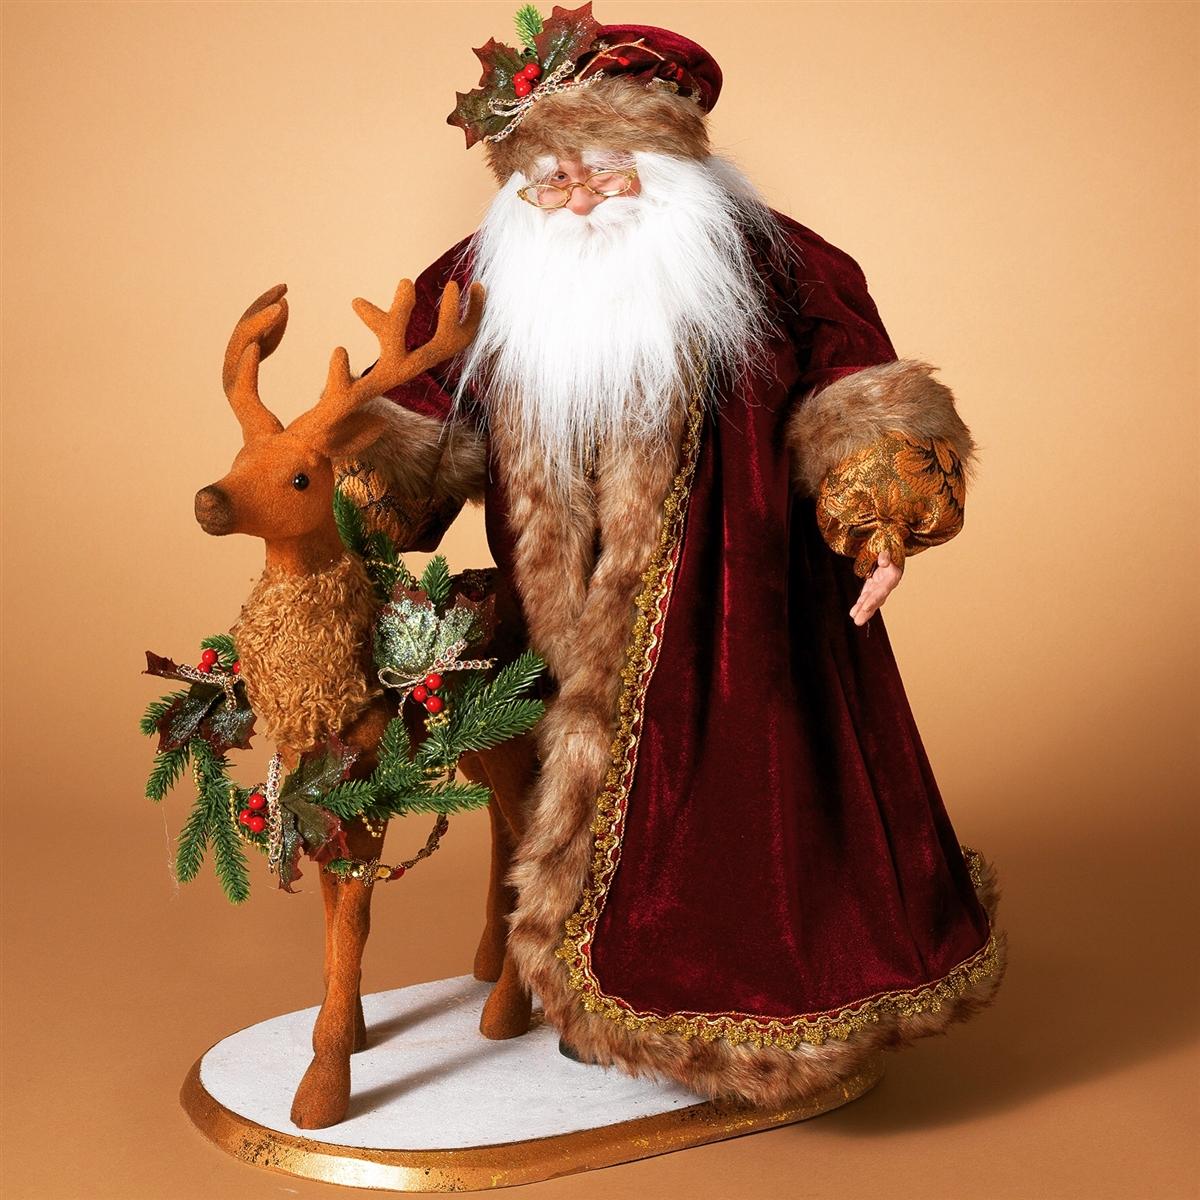 Mr Christmas Christmas Trees